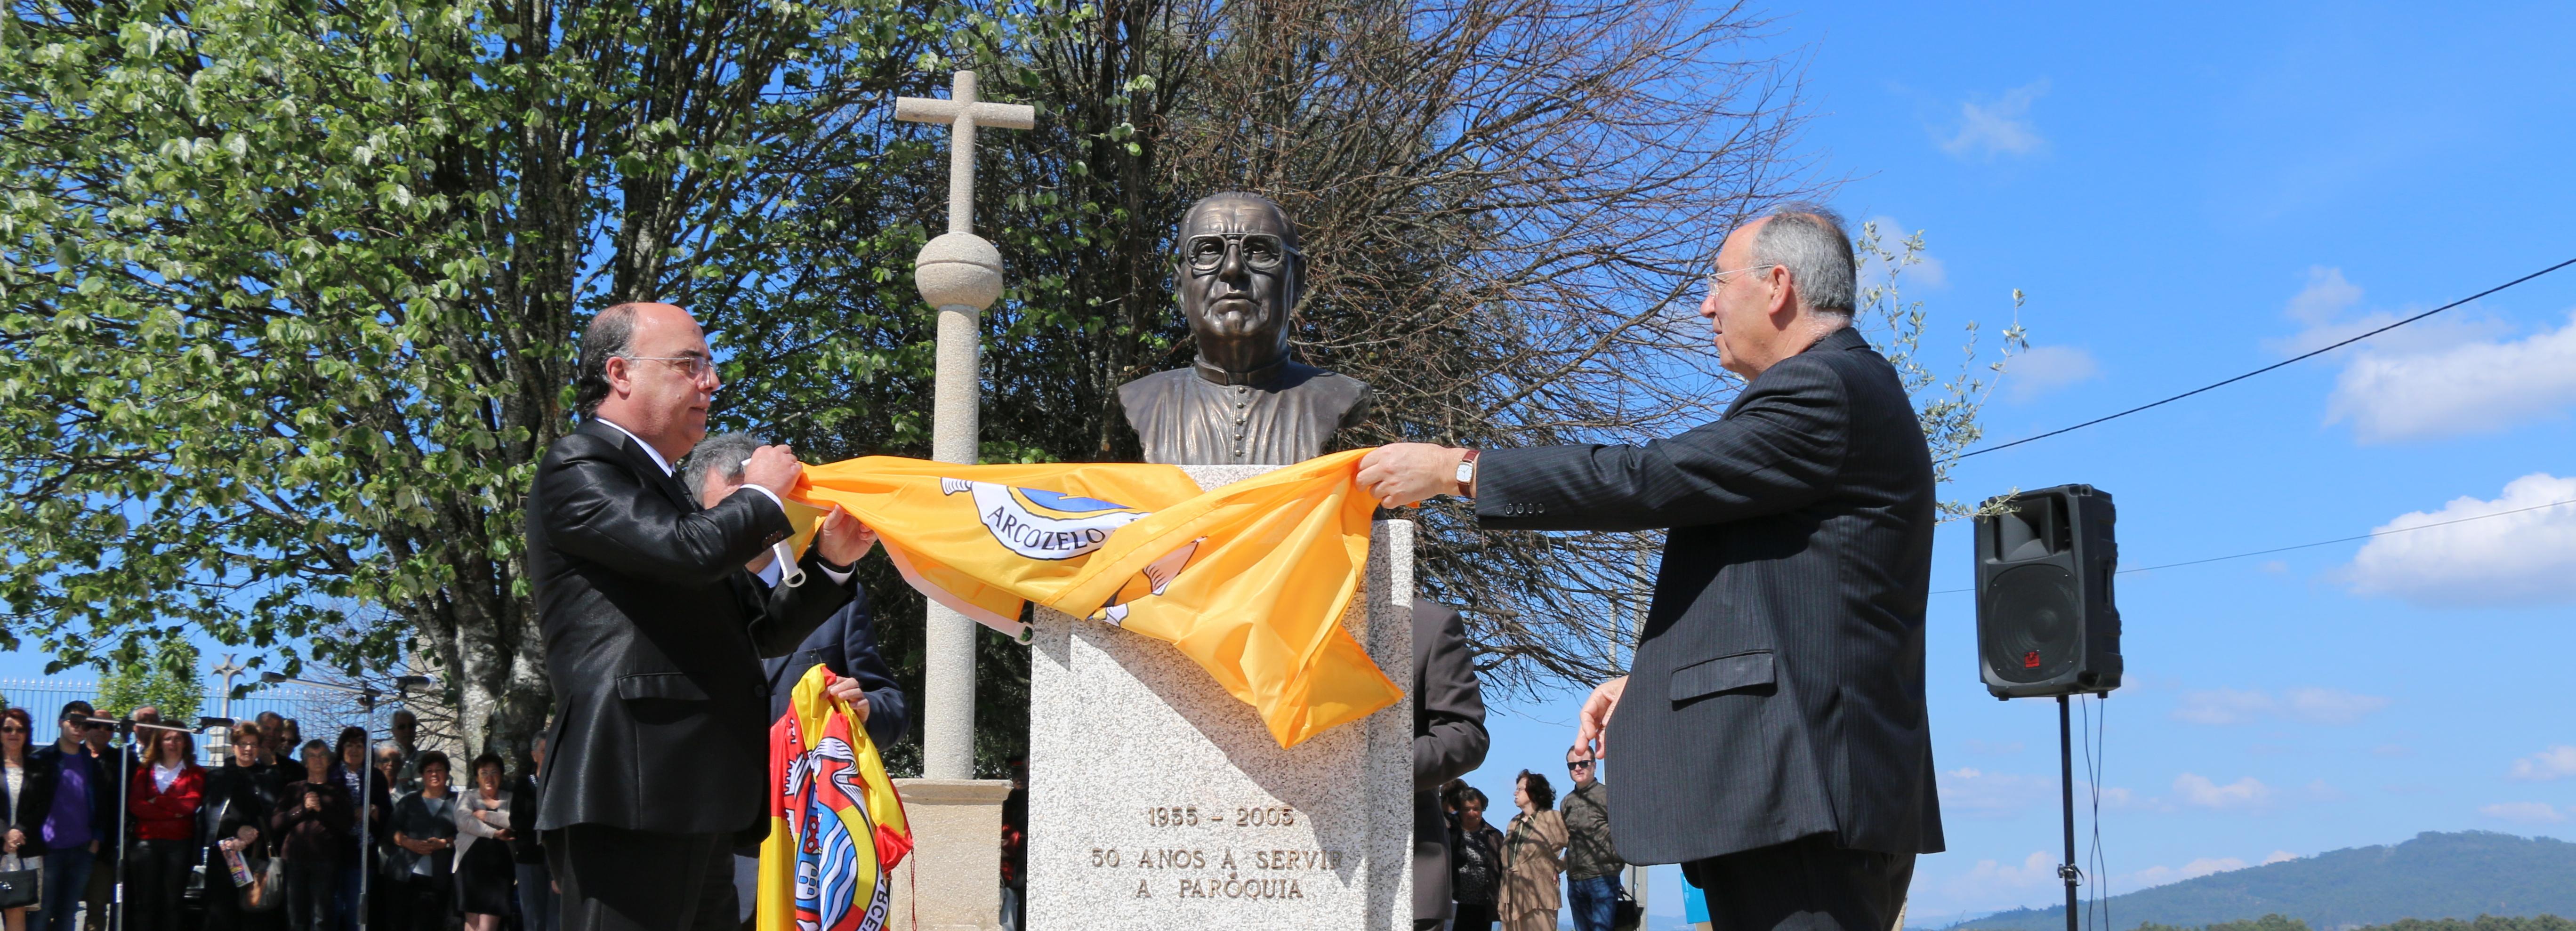 Homenagem a Padre Seara pelo trabalho e dedicação a Arcozelo